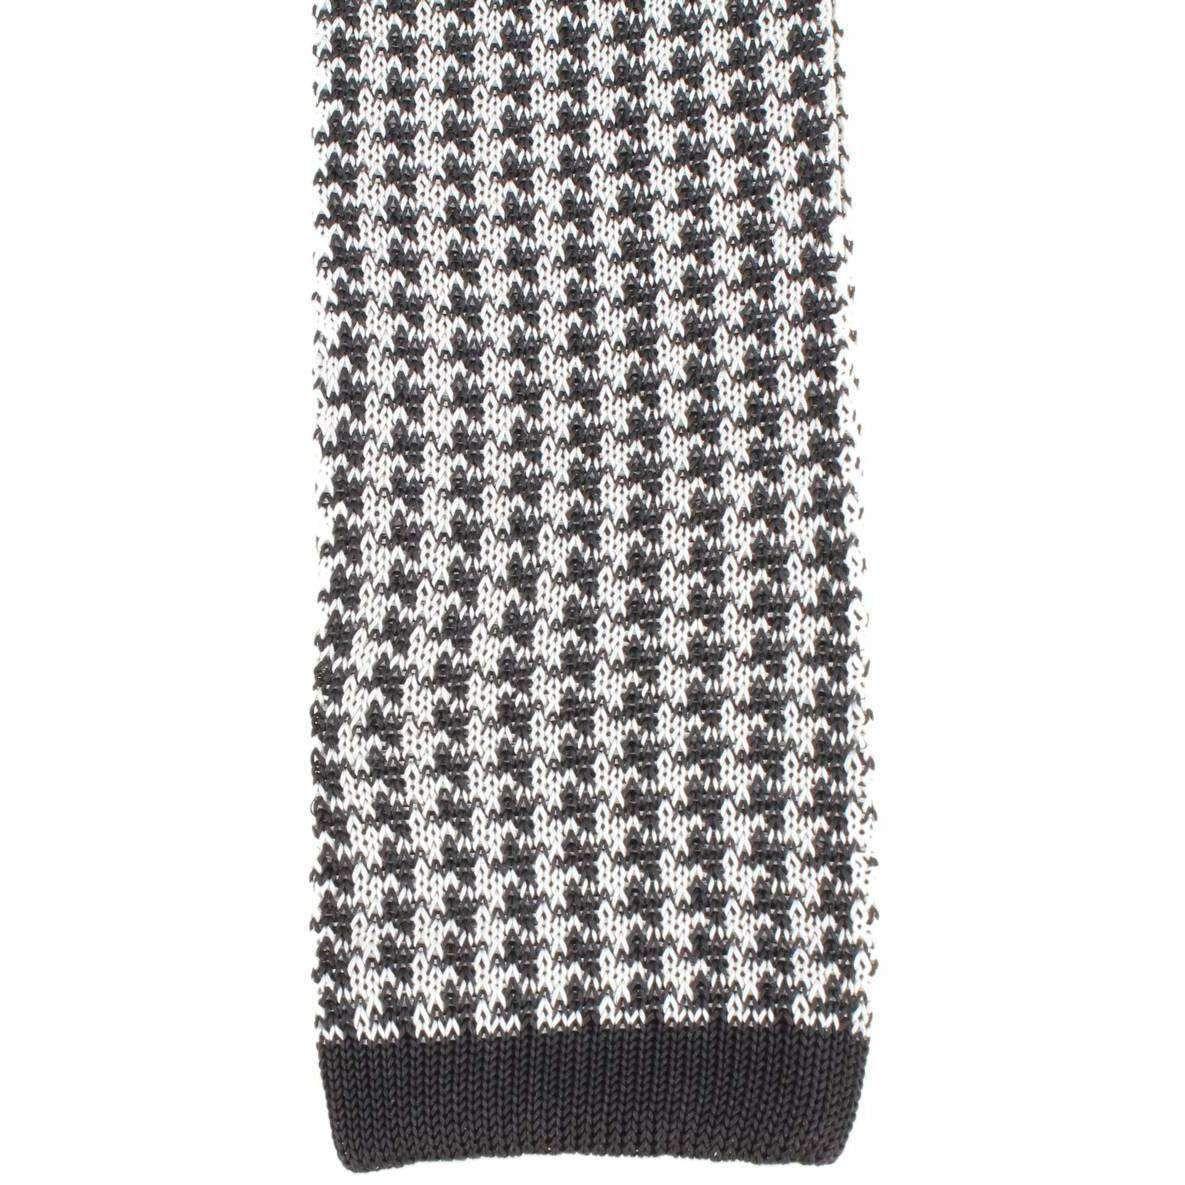 Knightsbridge Neckwear Silk Knitted Houndstooth Tie ...